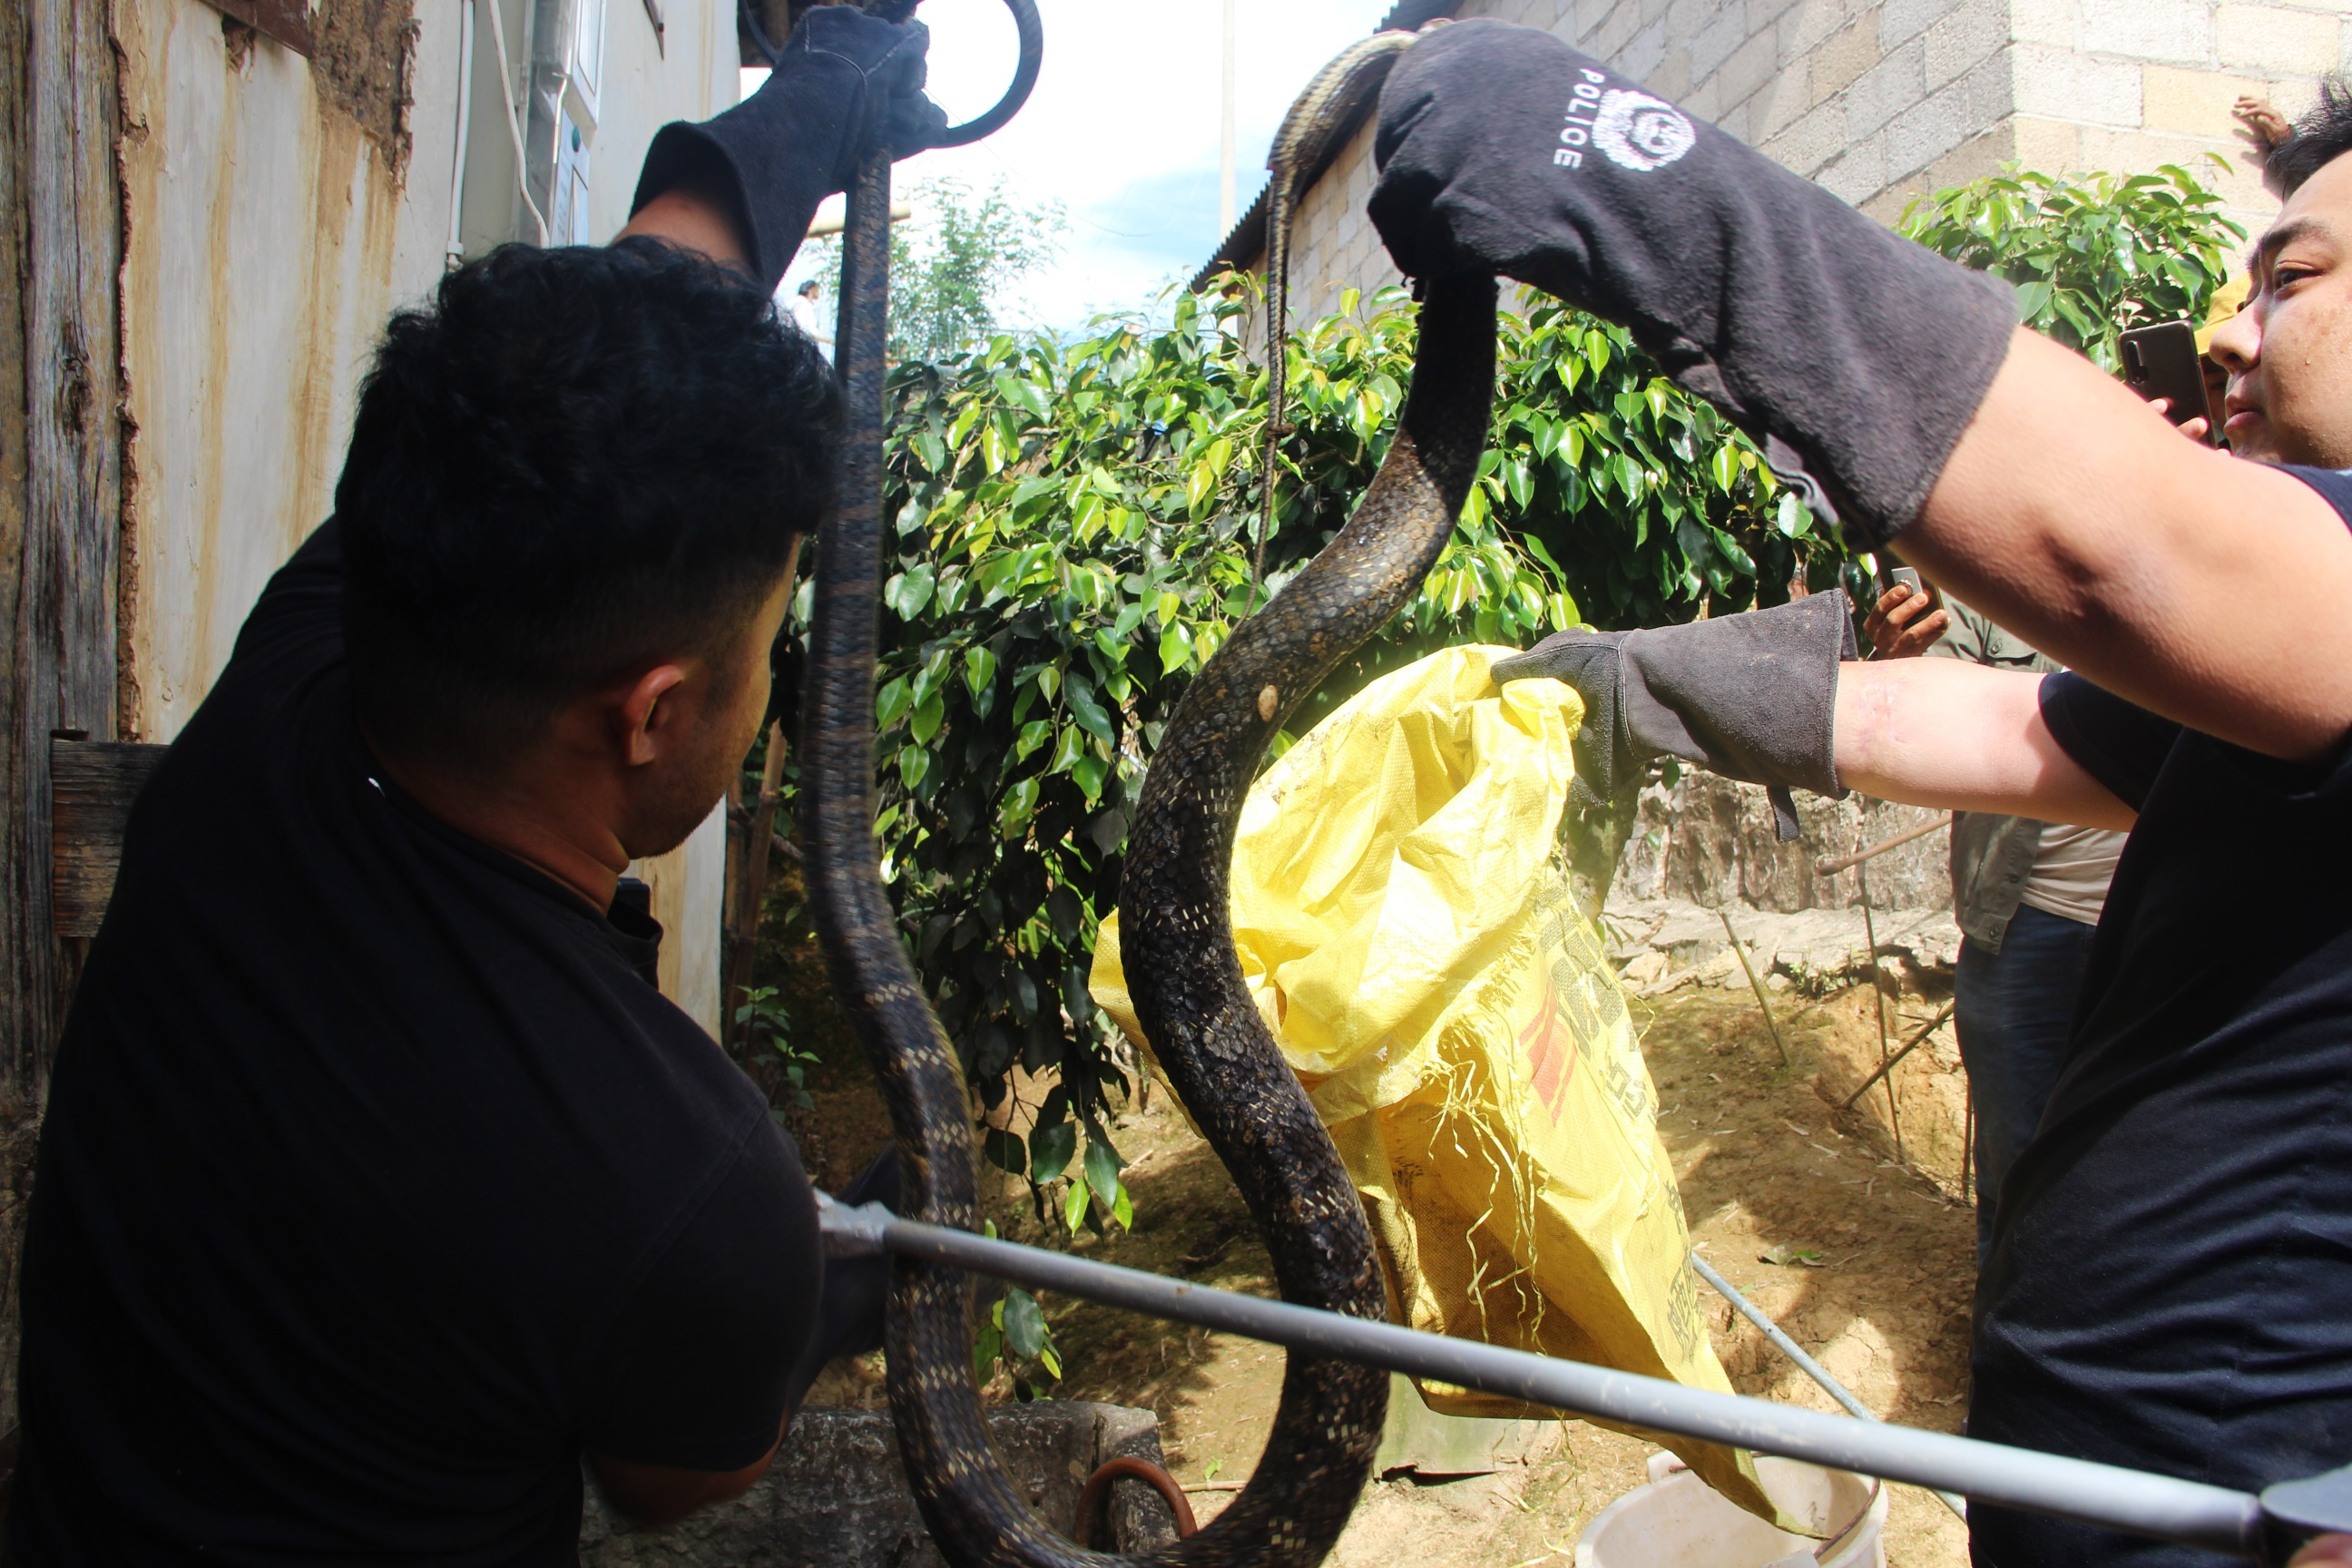 3メートル超のキングコブラが民家を「訪問」、警察が緊急出動